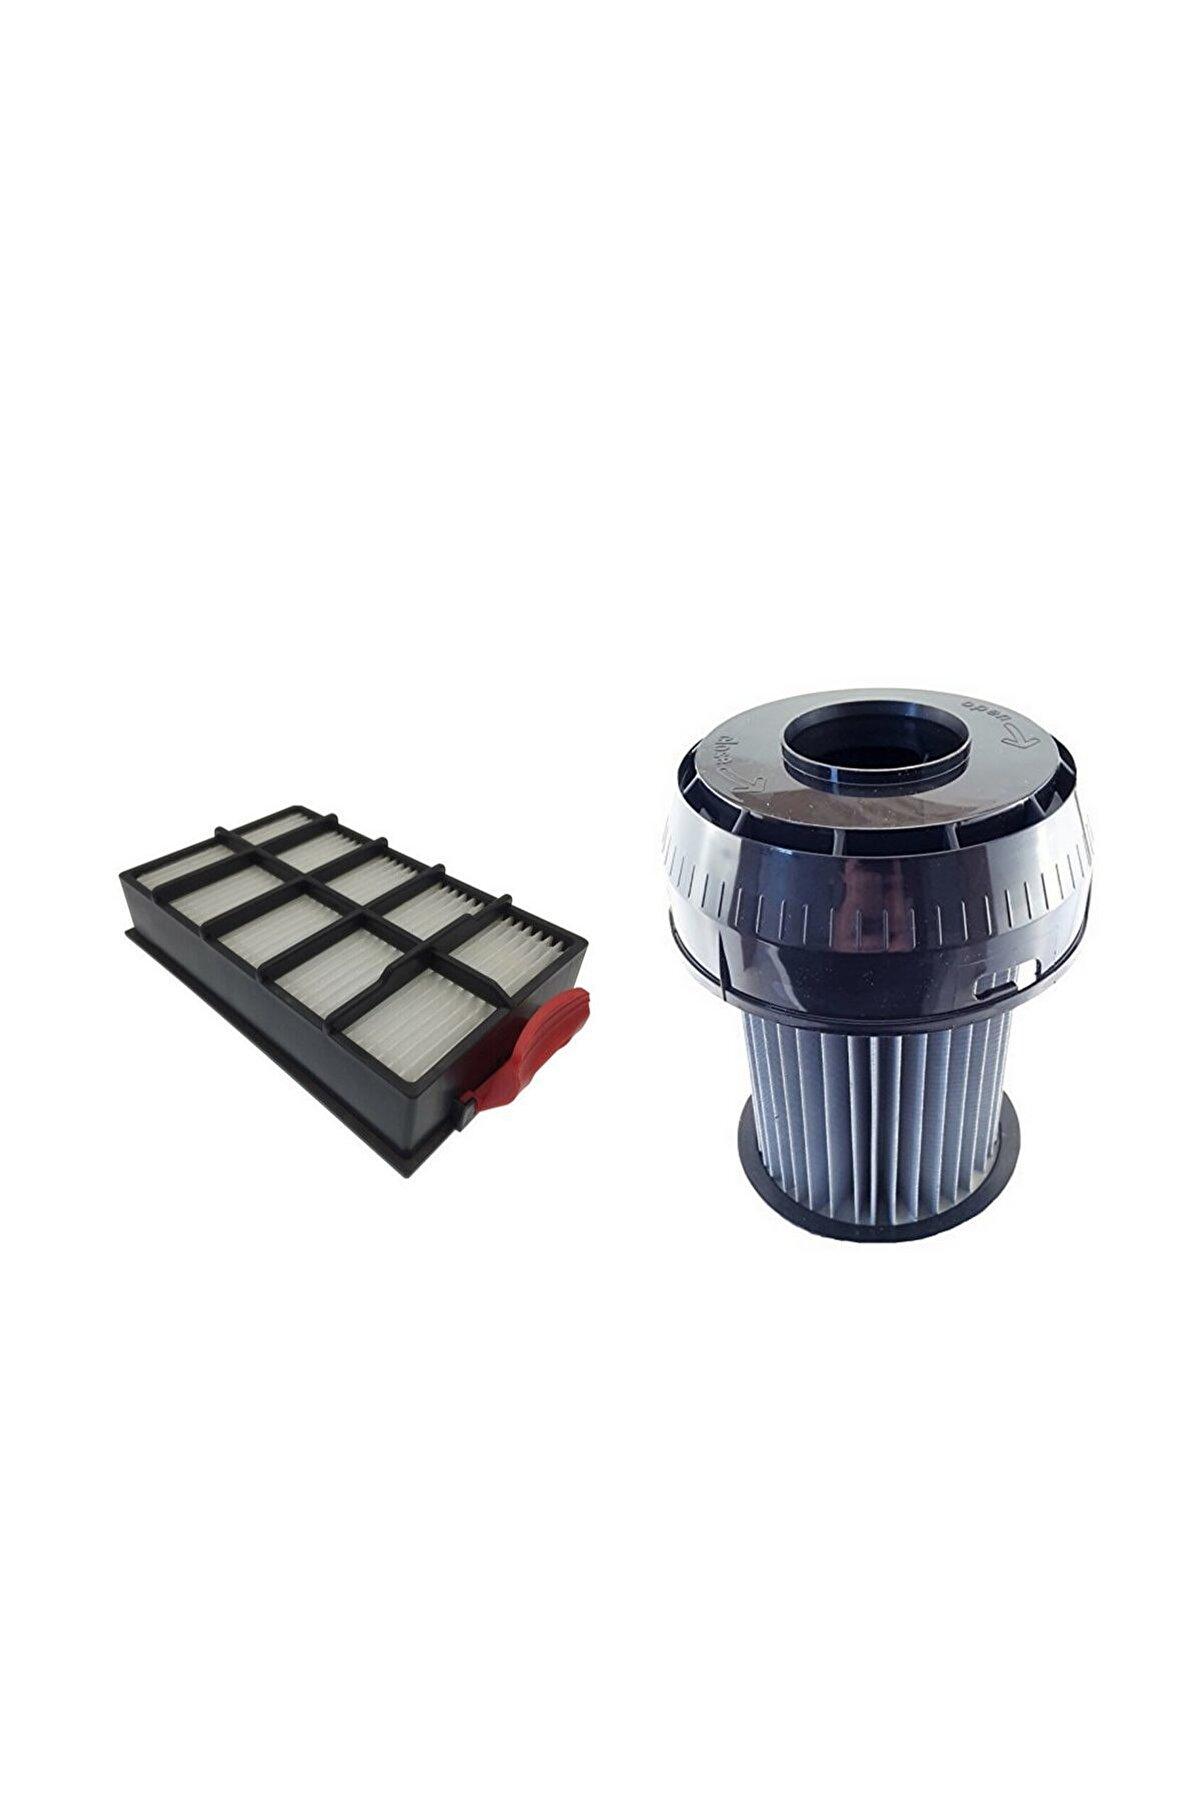 BLC Filtre Bosch Uyumlu Roxx'x Hepa Filtre Seti